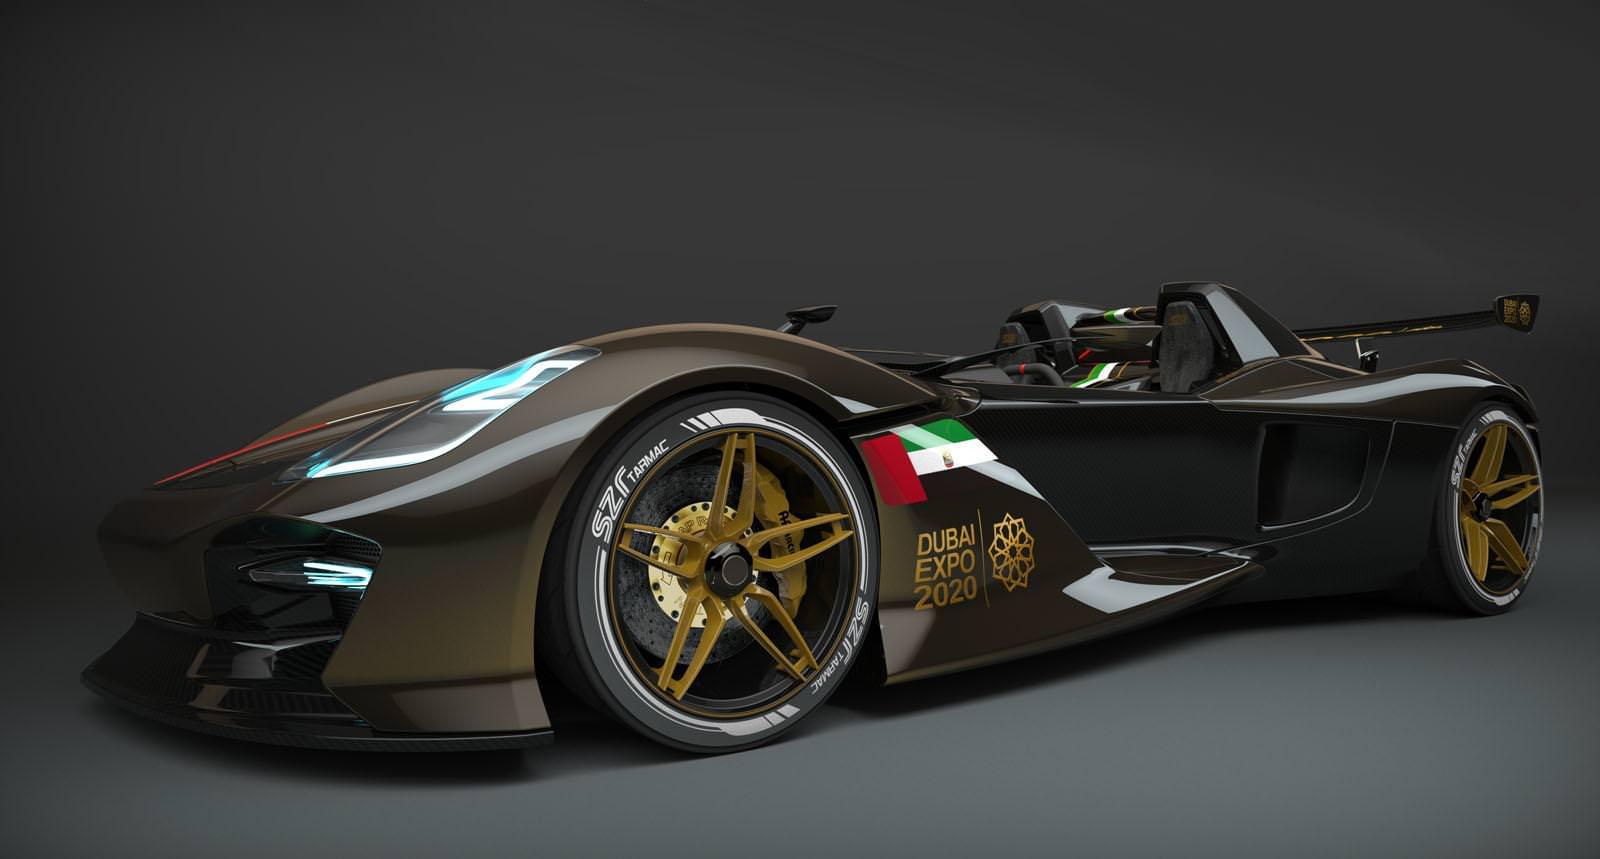 سيارة اماراتية الصنع ستنافس أشهر سيارات السباق